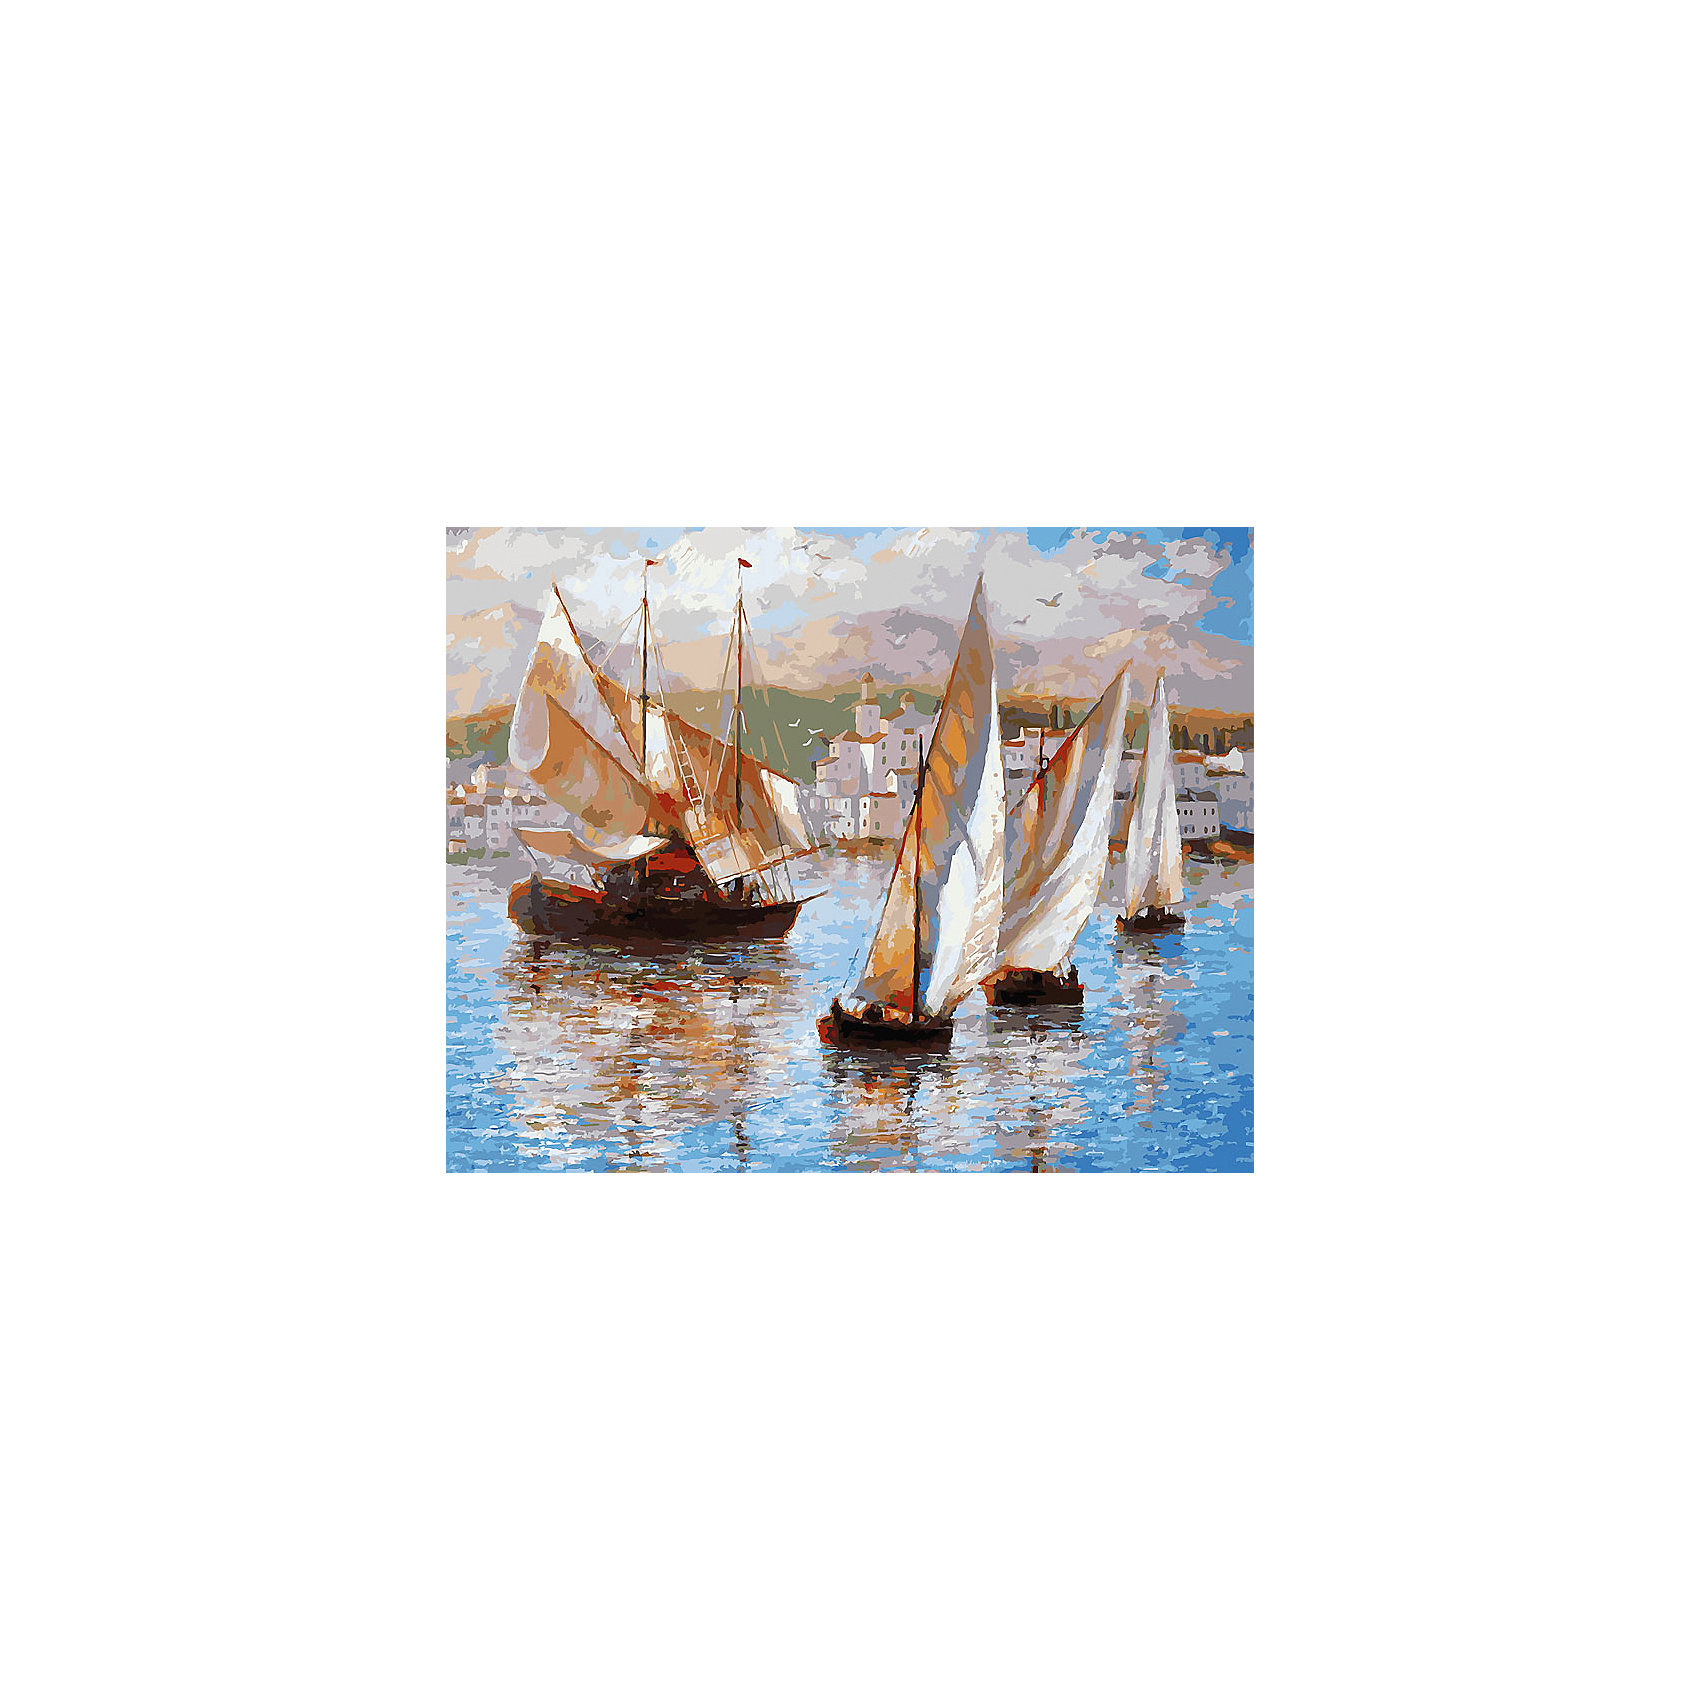 Живопись на холсте 40*50 см Морская прогулка по ИталииРисование<br>Характеристики товара:<br><br>• цвет: разноцветный<br>• материал: акрил, картон<br>• размер: 50 x 40 см<br>• комплектация: полотно на подрамнике с контурами рисунка, пробный лист с рисунком, набор акриловых красок, три кисти, крепление на стену для картины<br>• для детей от шести лет и взрослых<br>• не требует специальных навыков<br>• страна бренда: Китай<br>• страна изготовитель: Китай<br><br>Такой набор станет отличным подарком и для взрослого, и для ребенка! Рисование помогает развить различные навыки и просто приносит удовольствие! Чтобы вселить в ребенка уверенность в своих силах, можно предложить ему этот набор - в нем уже есть сюжет, контуры рисунка и участки с номерами, которые обозначают определенную краску из набора. Все оттенки уже готовы, задача художника - аккуратно, с помощью кисточек из набора, нанести краски на определенный участок полотна.<br>Взрослым также понравится этот процесс, рисовать можно и вместе с малышом! В итоге получается красивая картина, которой можно украсить интерьер. Рисование способствует развитию мелкой моторики, воображения, цветовосприятия, творческих способностей и усидчивости. Набор отлично проработан, сделан из качественных и проверенных материалов, которые безопасны для детей. Краски - акриловые, они быстро сохнут и легко смываются с кожи.<br><br>Живопись на холсте 40*50 см Морская прогулка по Италии от торговой марки Белоснежка можно купить в нашем интернет-магазине.<br><br>Ширина мм: 510<br>Глубина мм: 410<br>Высота мм: 25<br>Вес г: 850<br>Возраст от месяцев: 72<br>Возраст до месяцев: 144<br>Пол: Унисекс<br>Возраст: Детский<br>SKU: 5089719